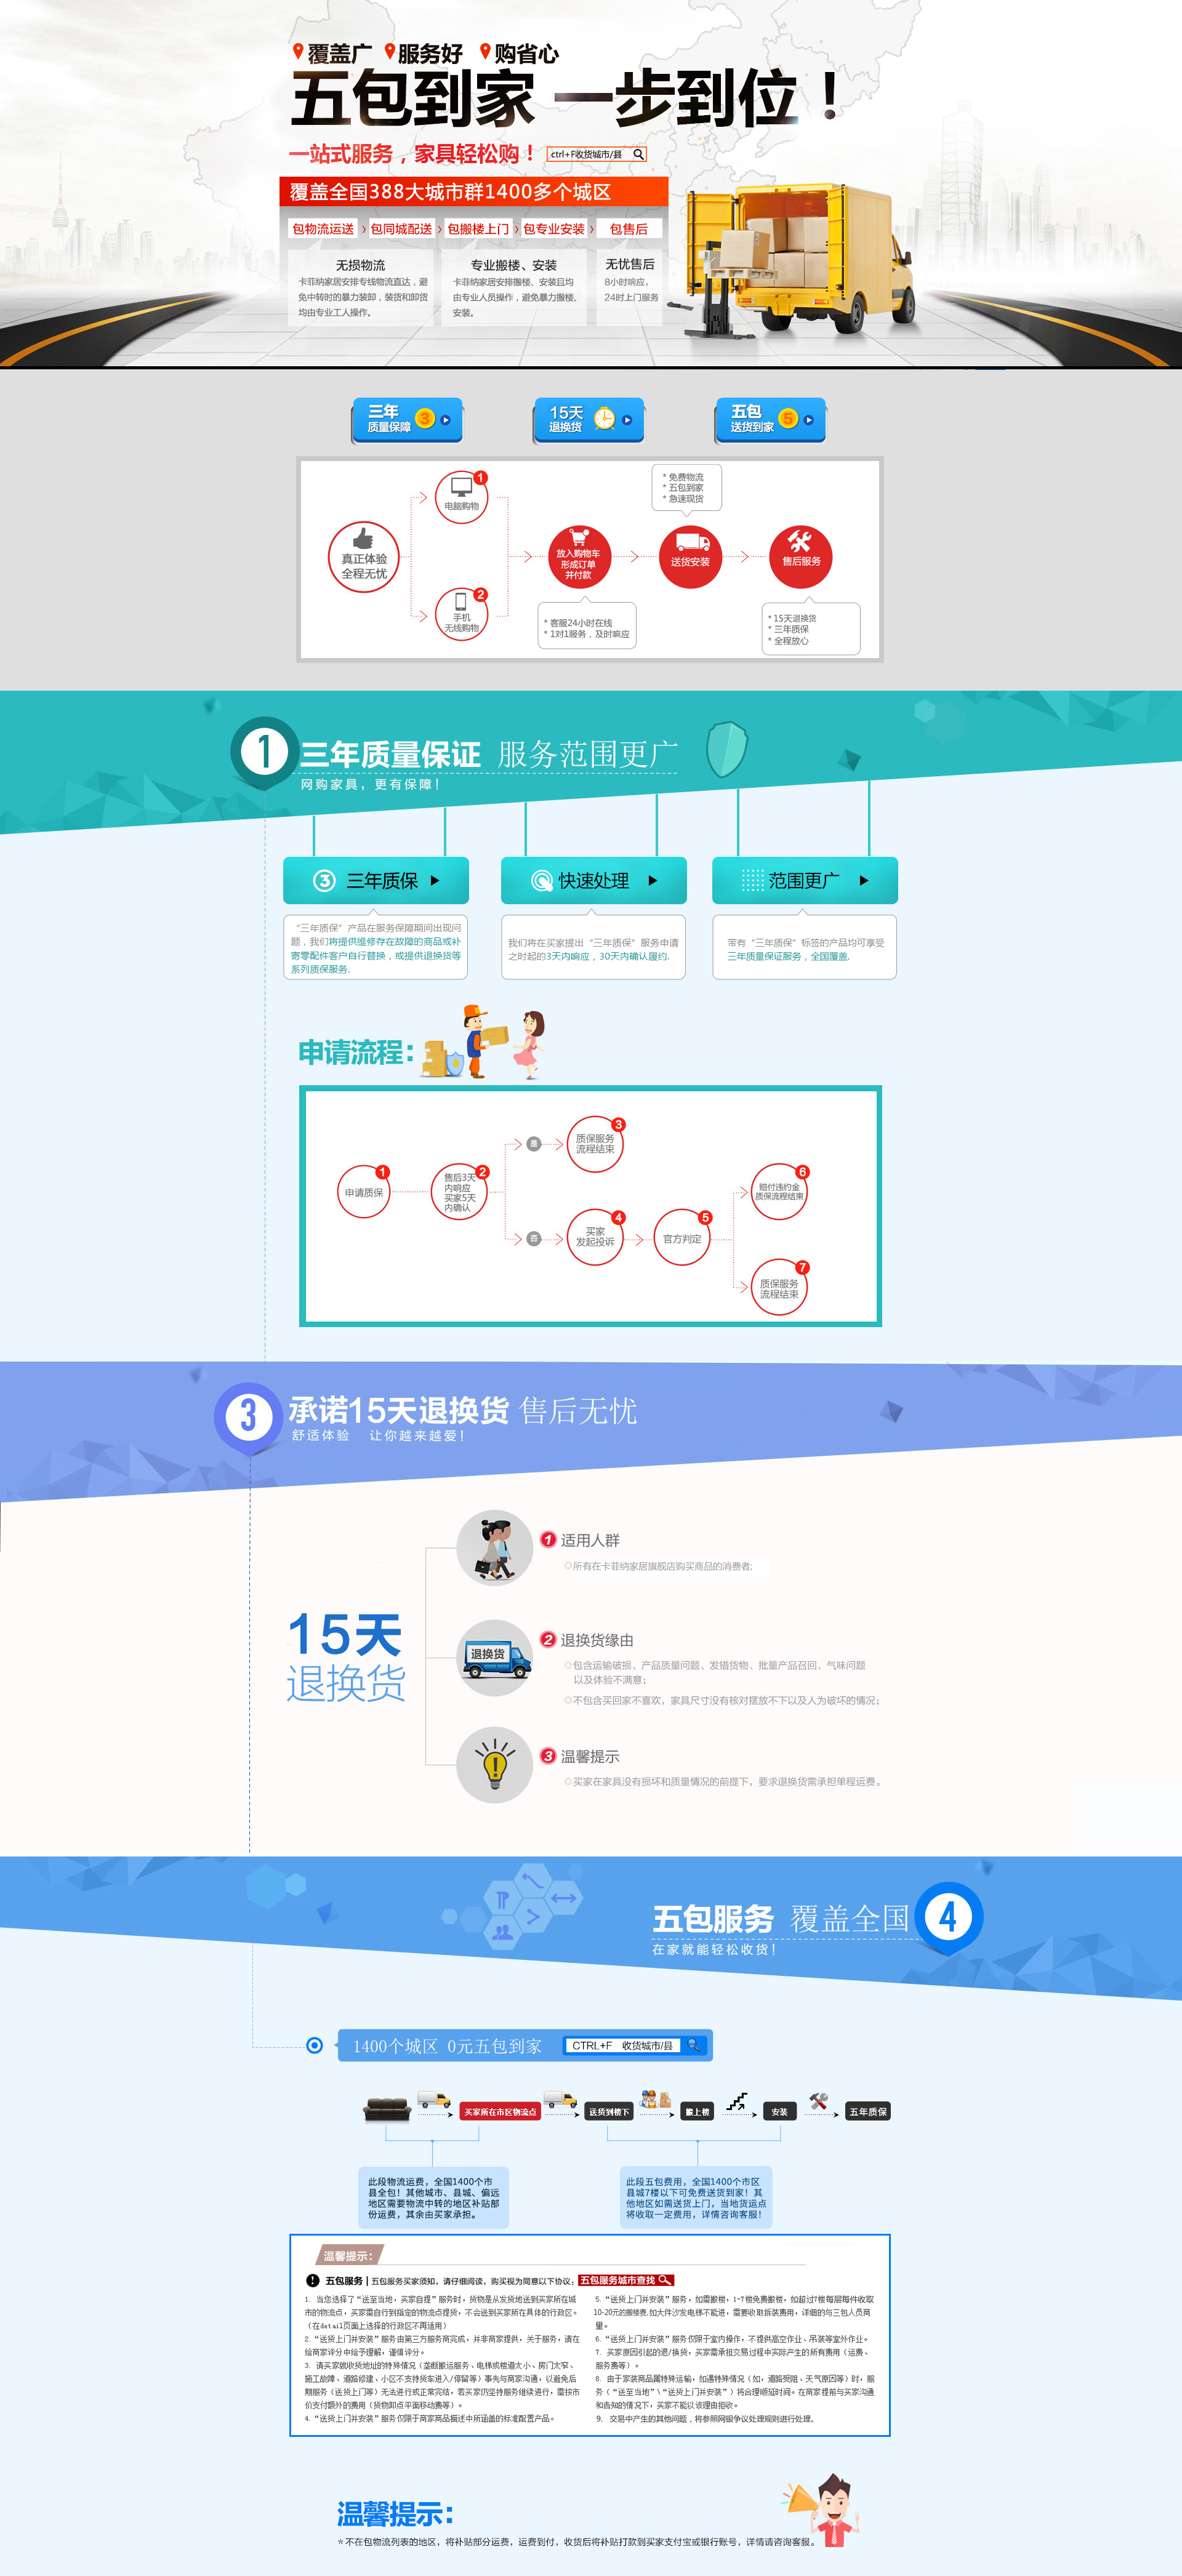 鹤城区湖天大道路线图